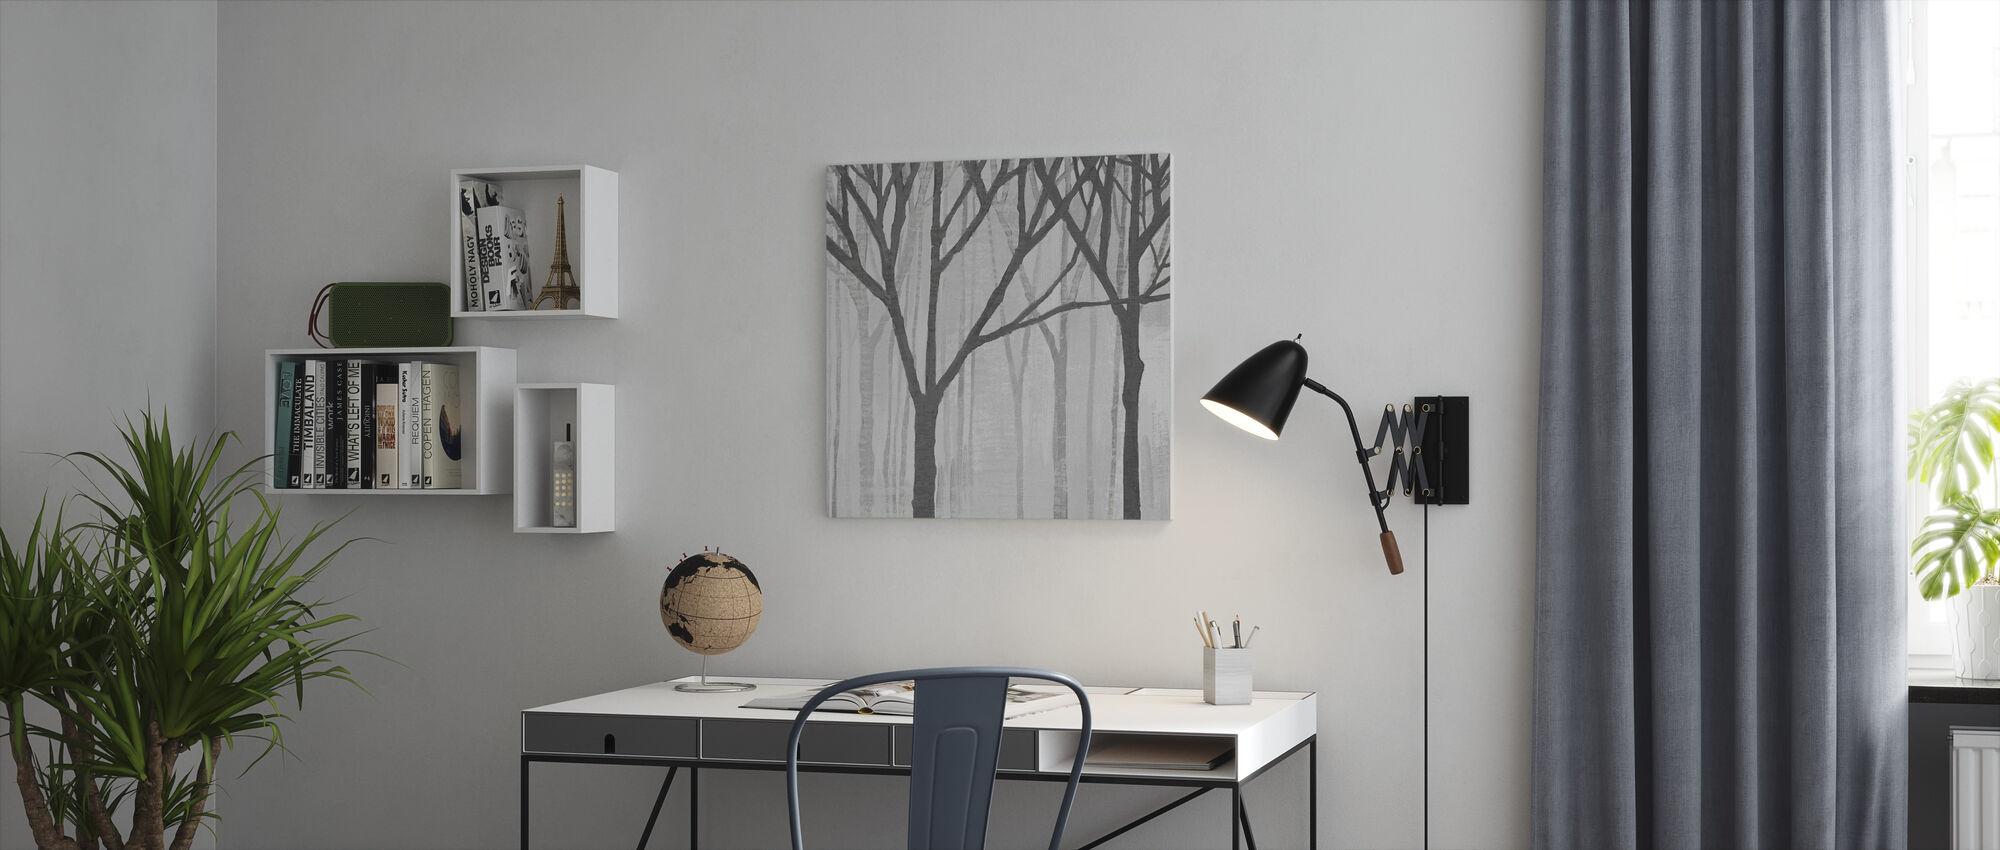 Kevät puut Greystone III - Canvastaulu - Toimisto